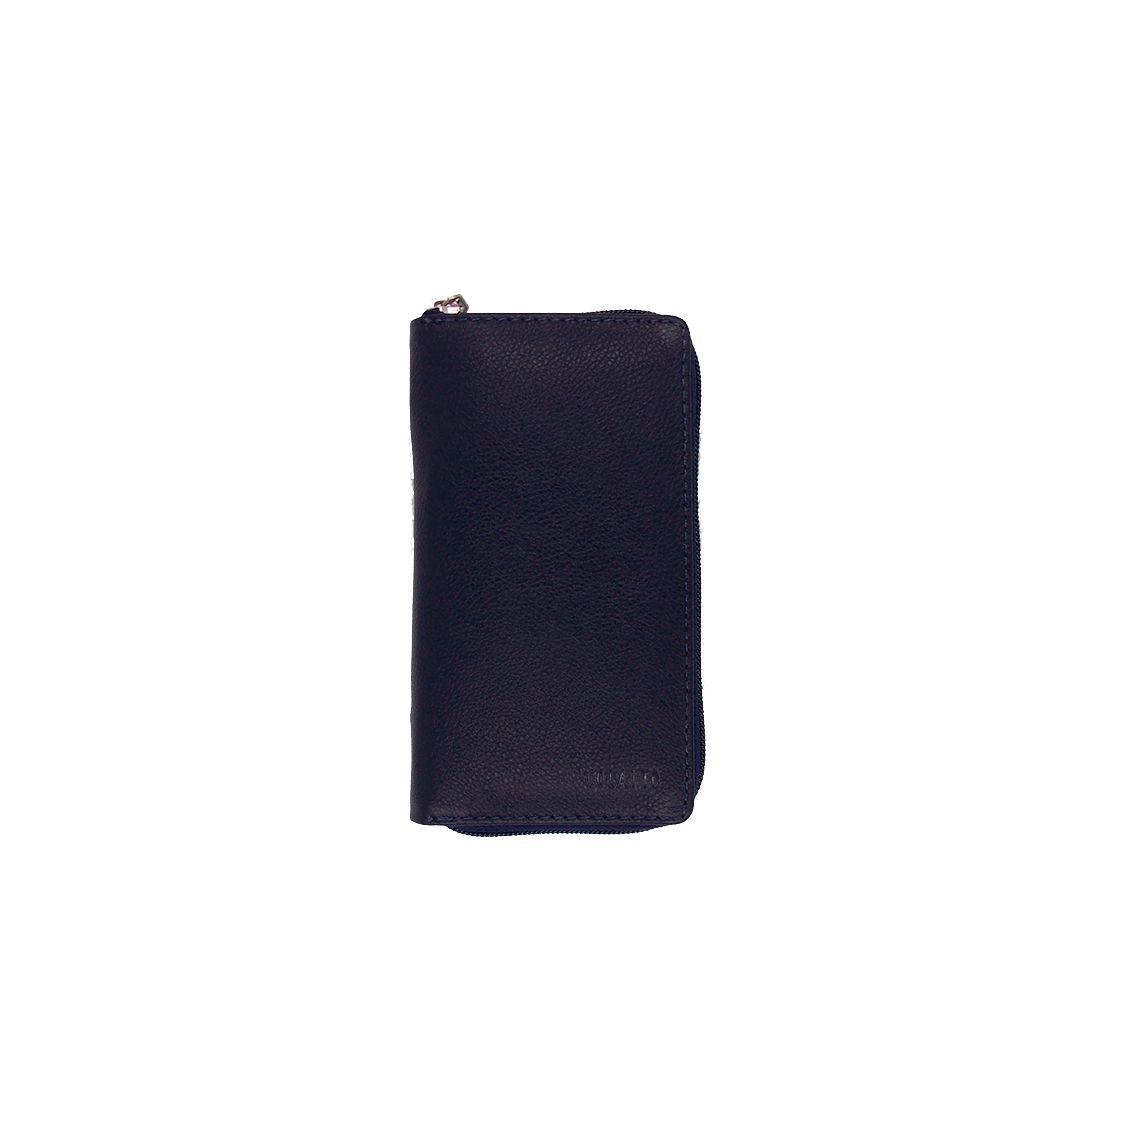 Kit Higiene Bucal em Couro Legitimo cor Preto Colatto